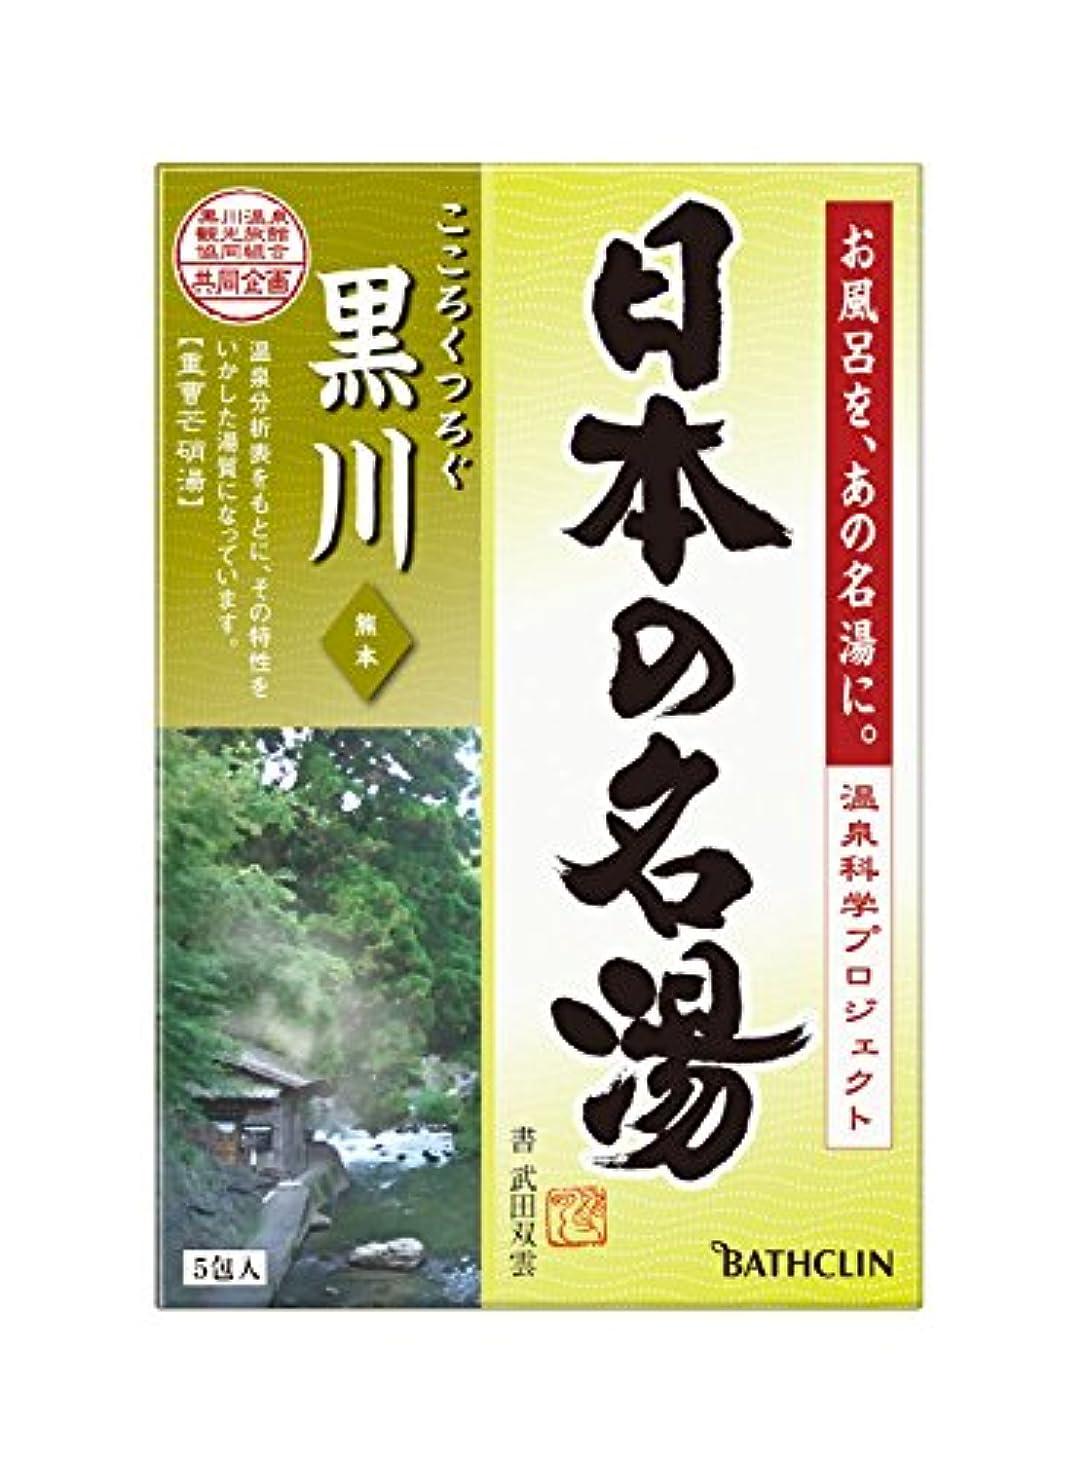 ハンディ混沌信仰【医薬部外品】日本の名湯入浴剤 黒川(熊本) 30g ×5包 にごりタイプ 個包装 温泉タイプ